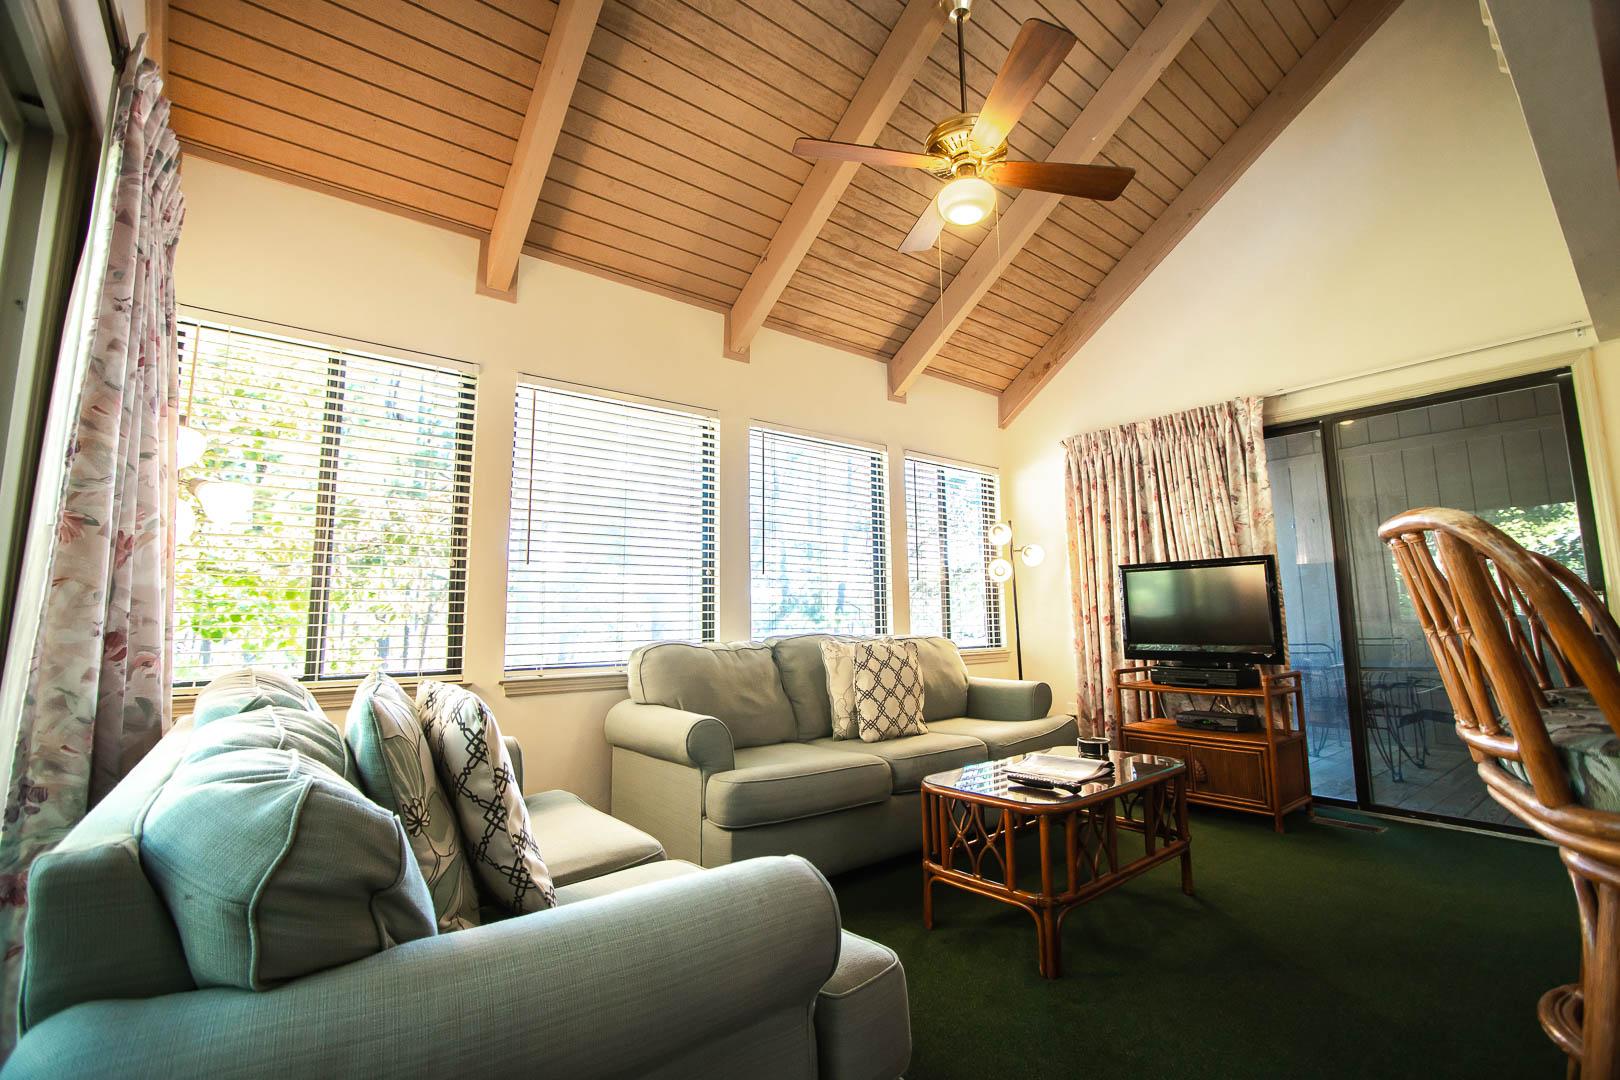 A cozy living room area at VRI's Sandcastle Cove in New Bern, North Carolina.